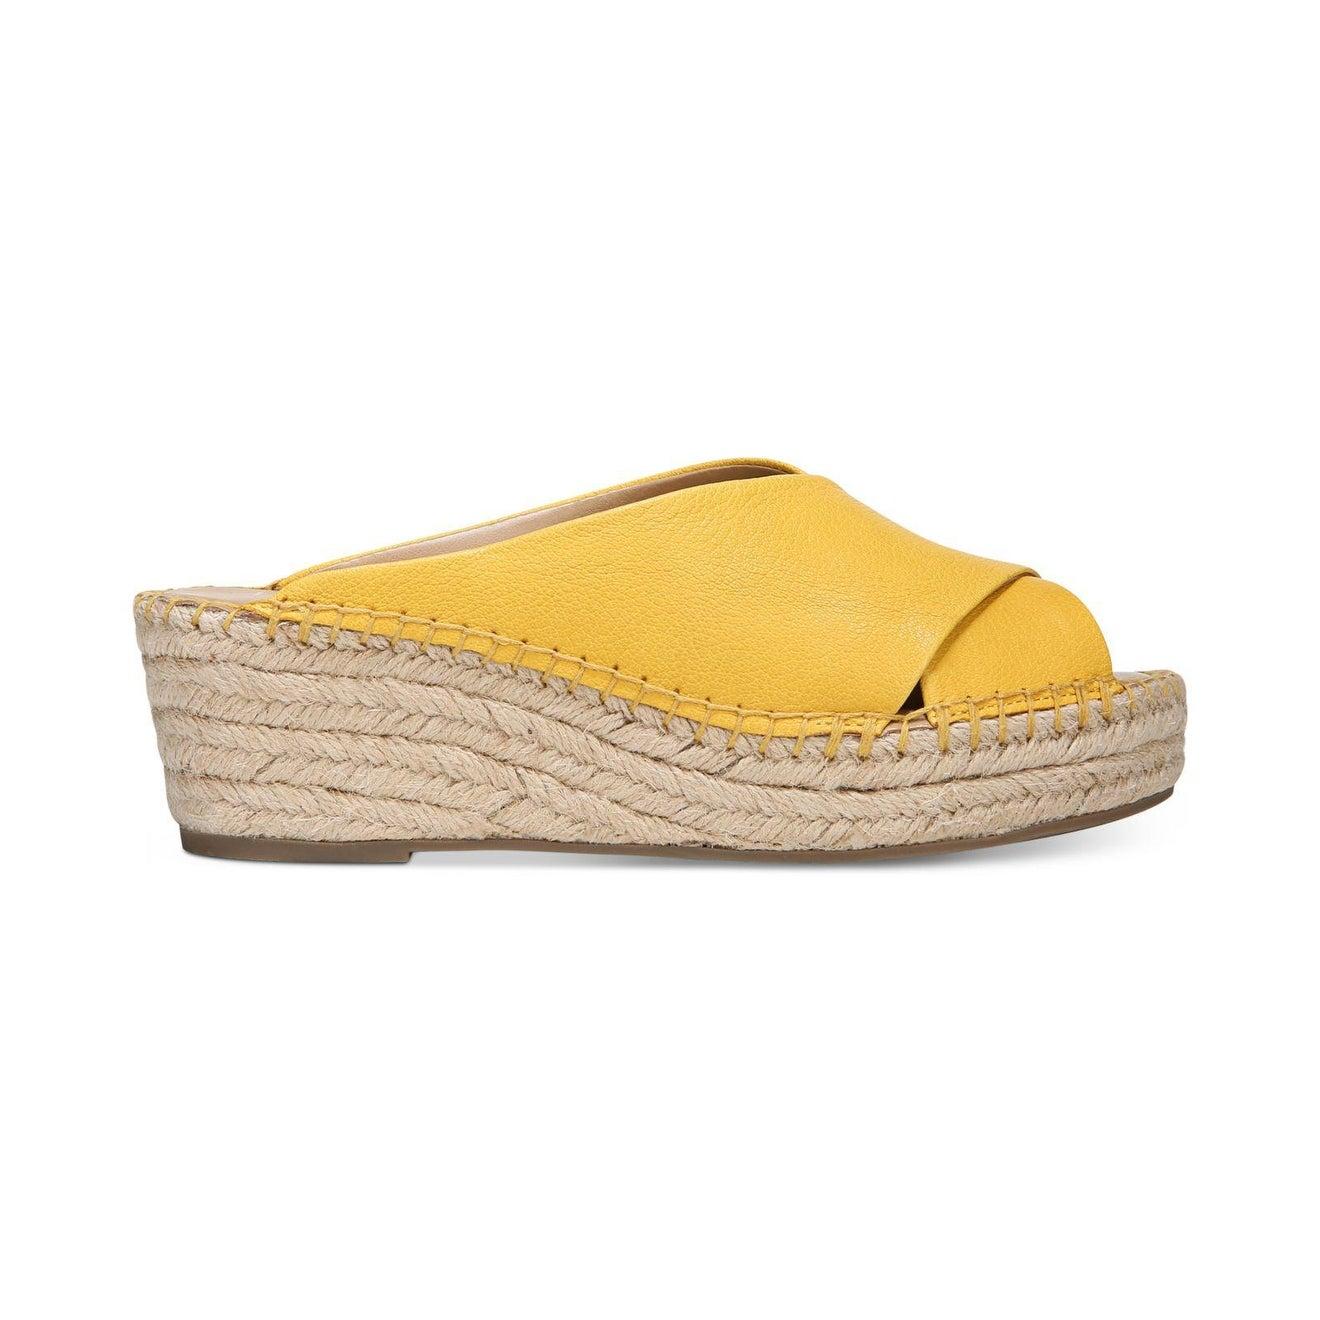 c82d09e81e3 Franco Sarto Womens Polina Leather Peep Toe Casual Platform Sandals